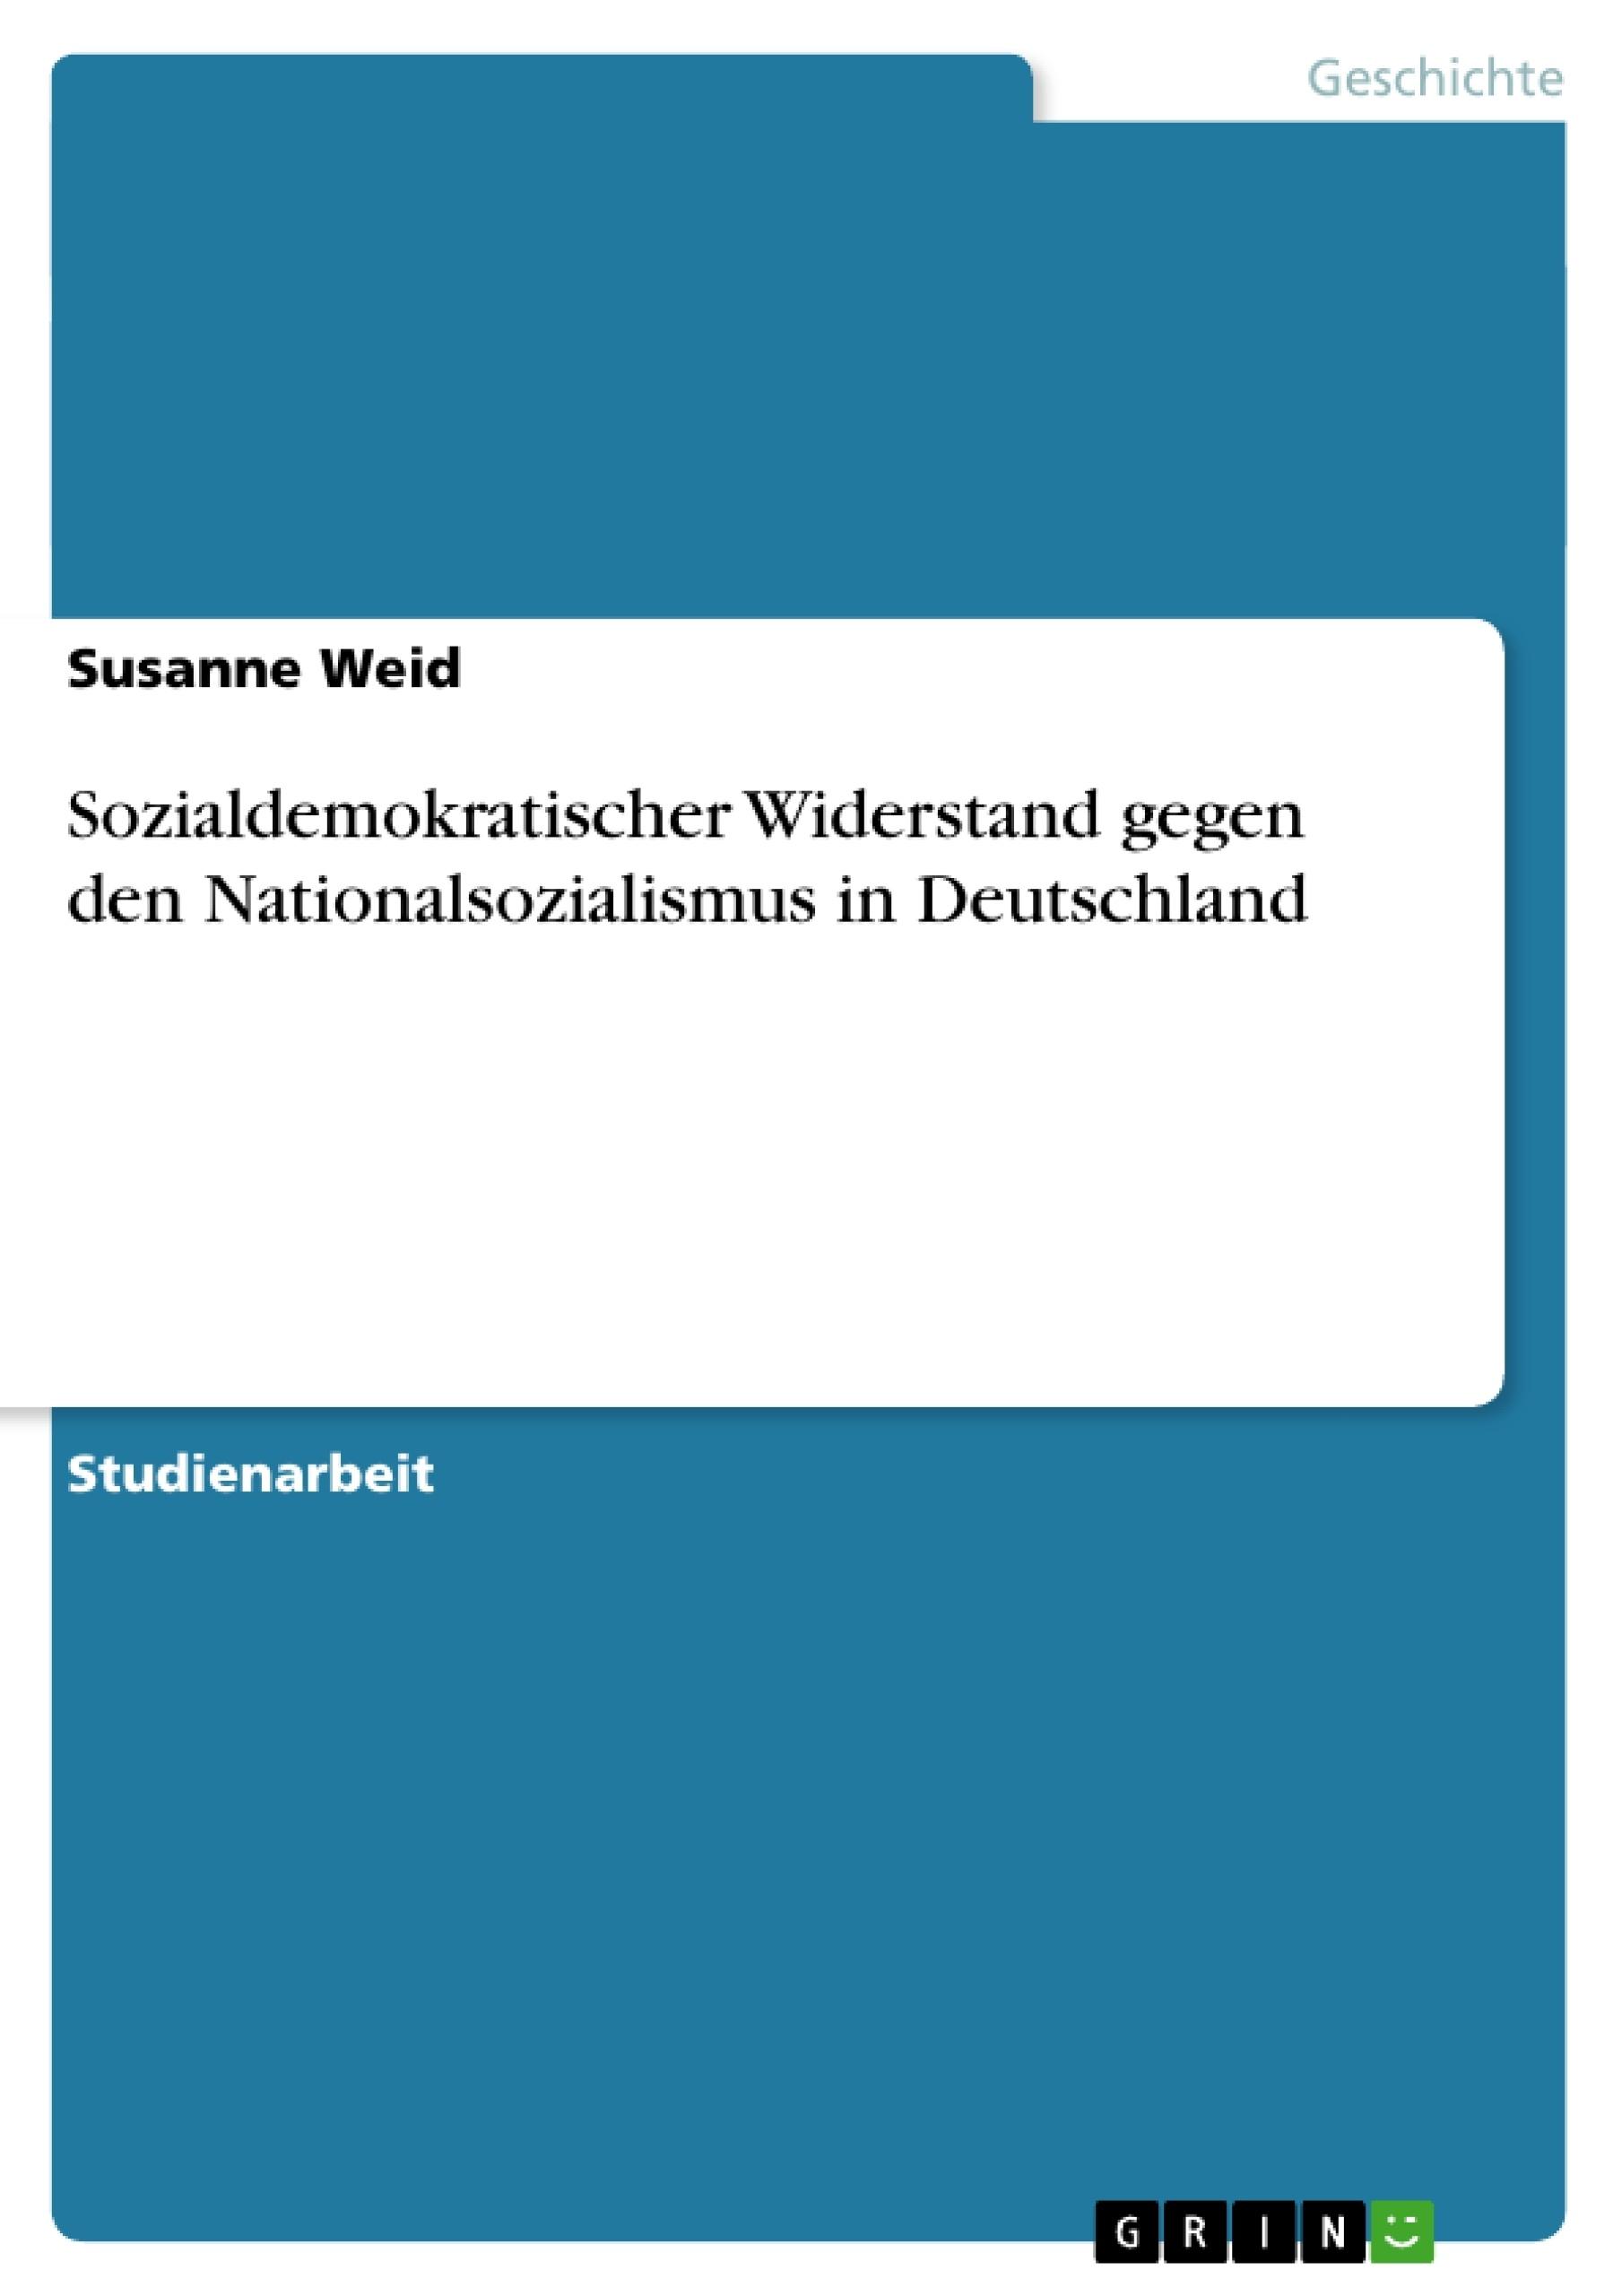 Titel: Sozialdemokratischer Widerstand gegen den Nationalsozialismus in Deutschland